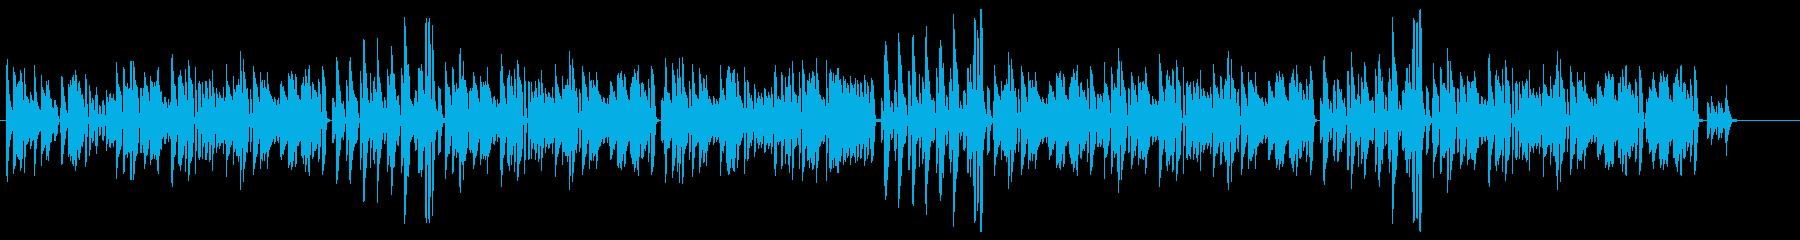 ピアノ練習曲っぽいコミカルなクラシックの再生済みの波形